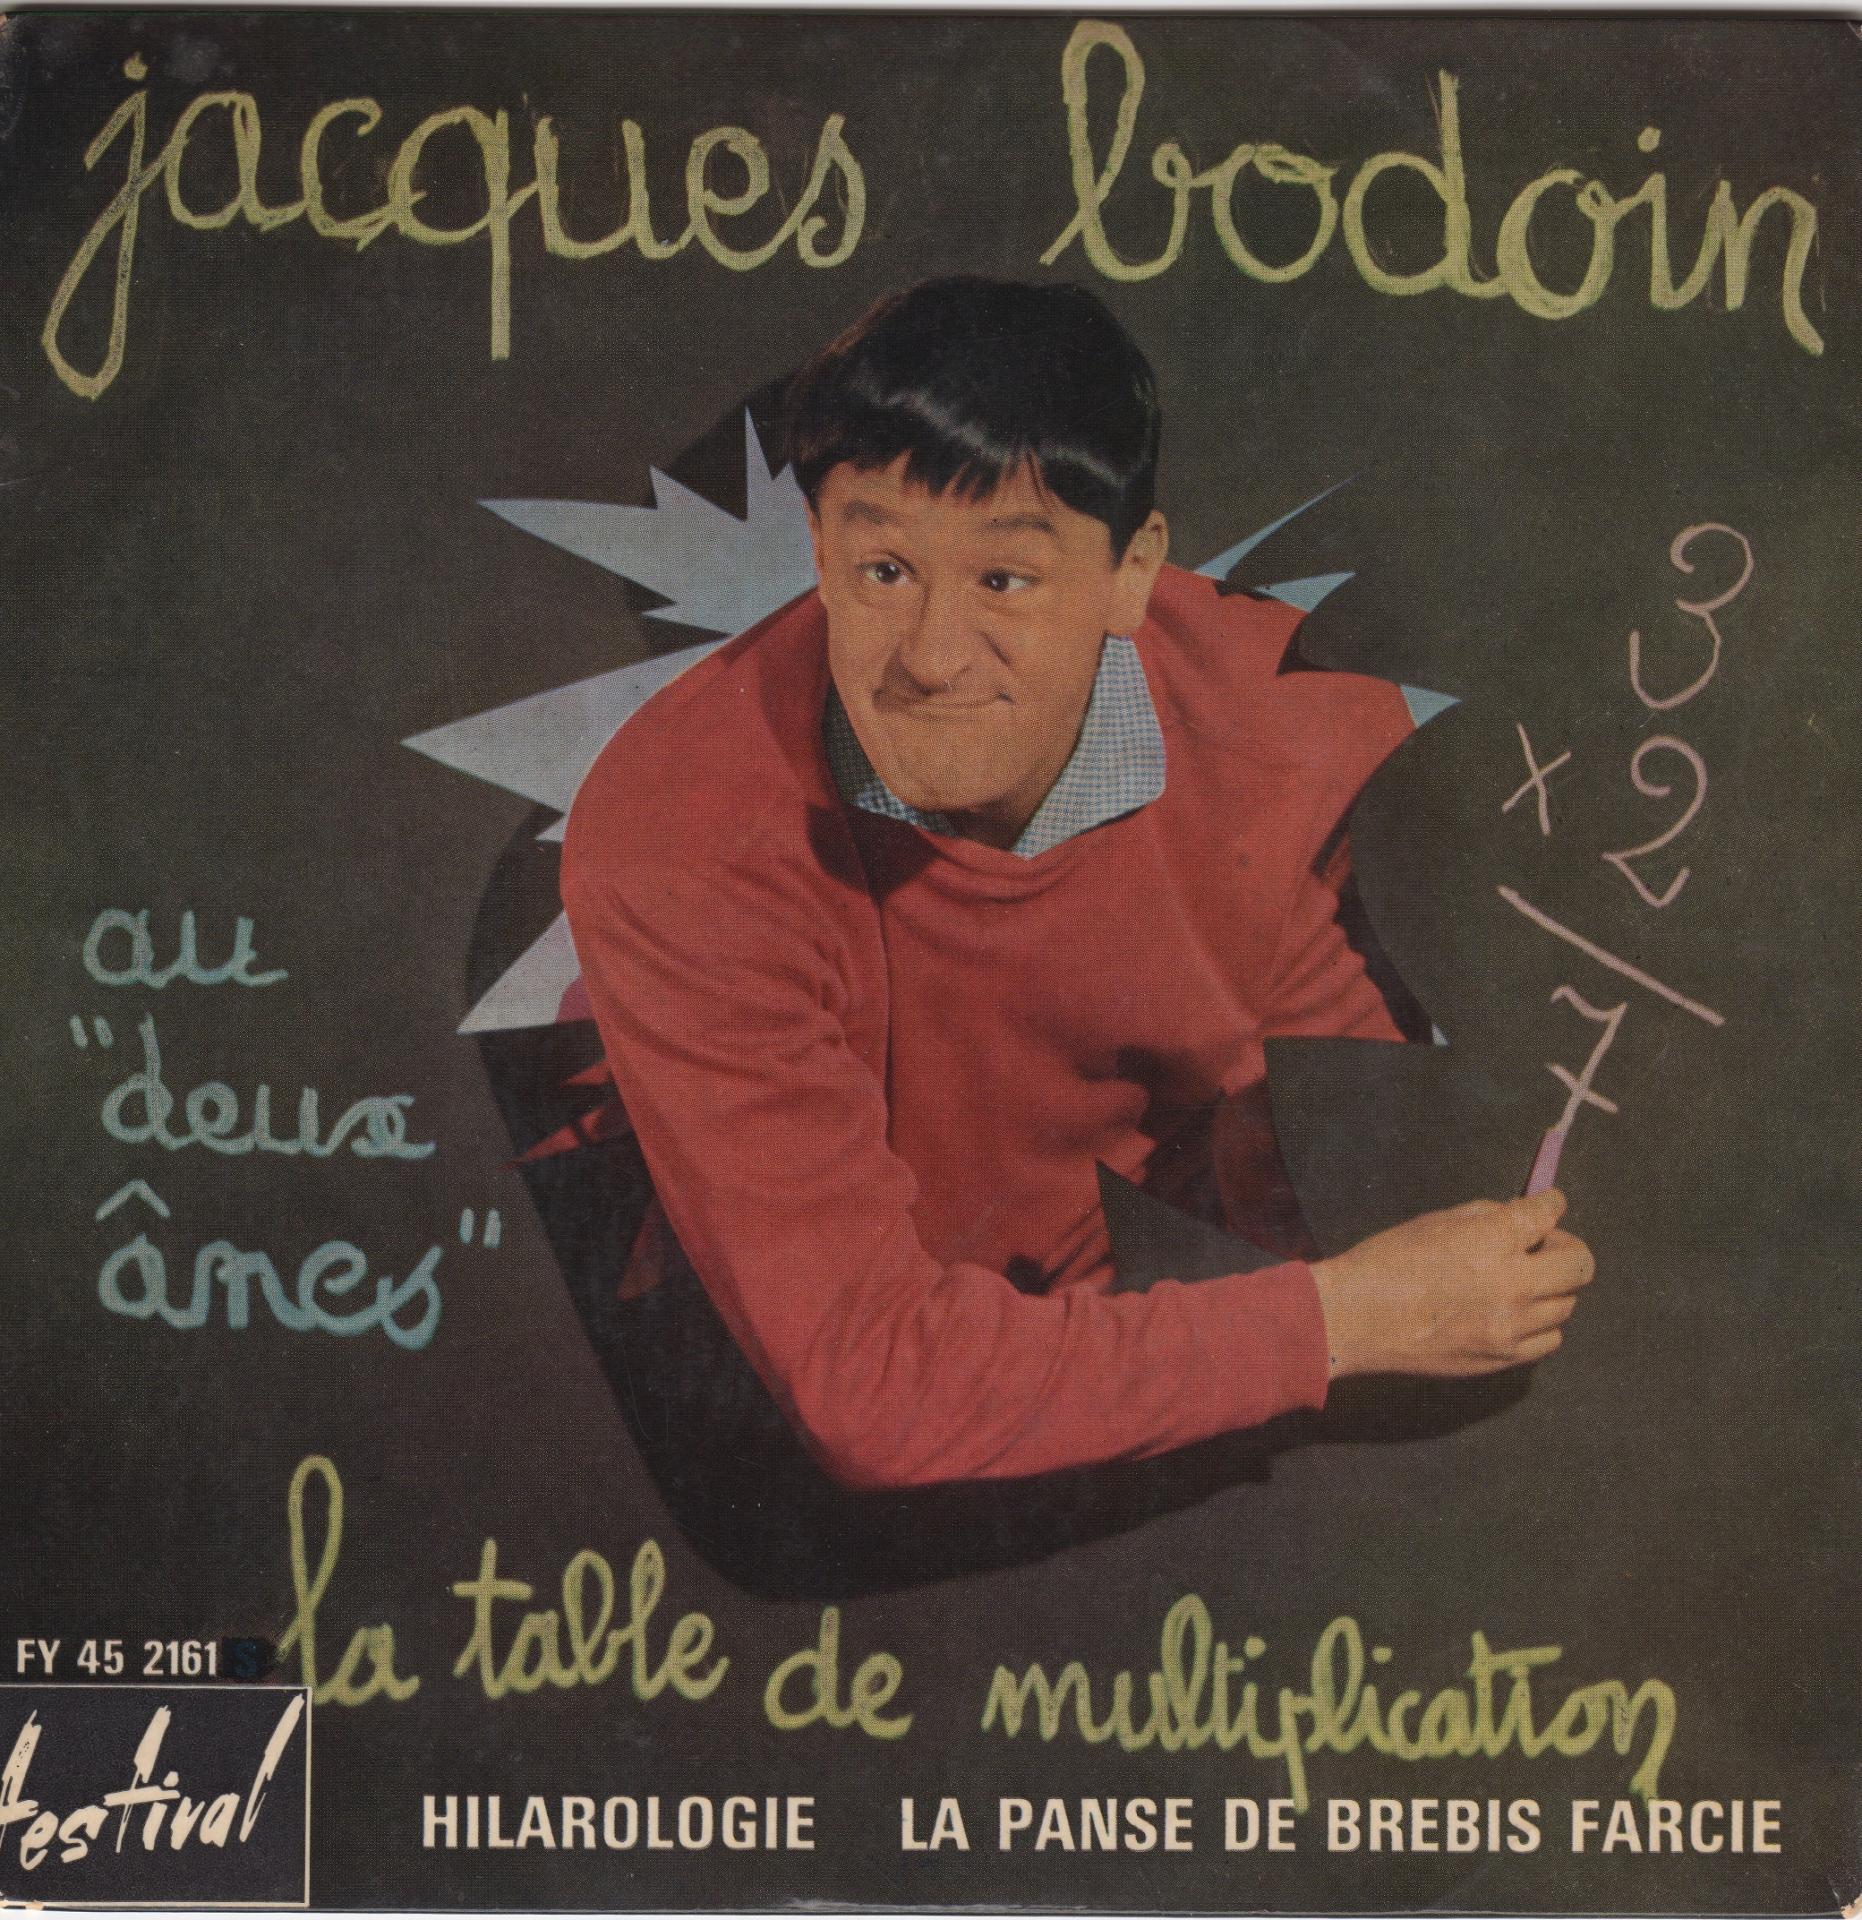 Hommage à Jacques Bodoin, disparu le mois dernier